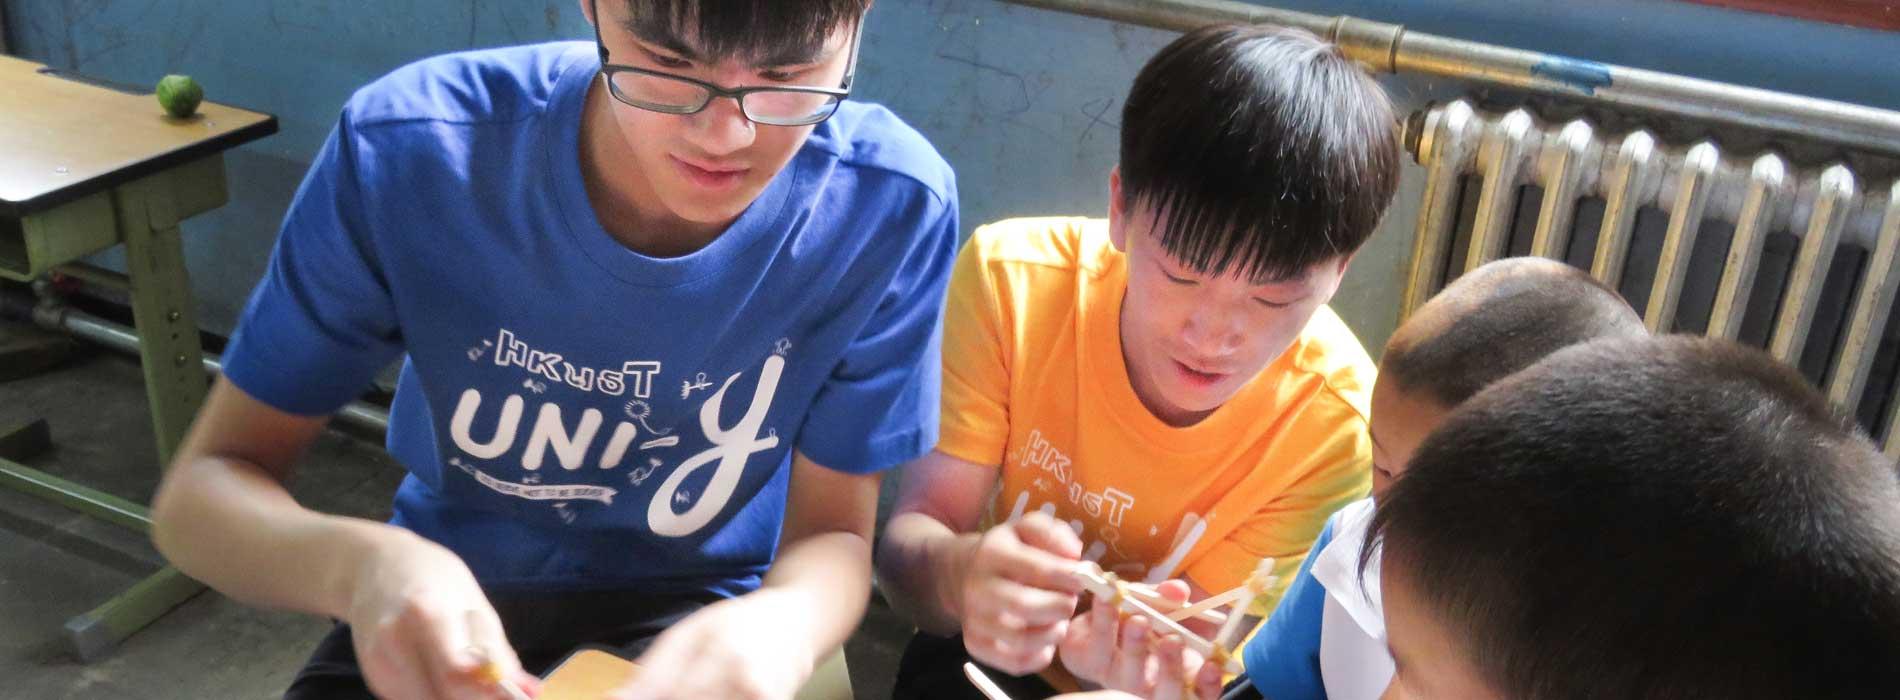 大學青年會香港科技大學服務介紹頁面橫幅